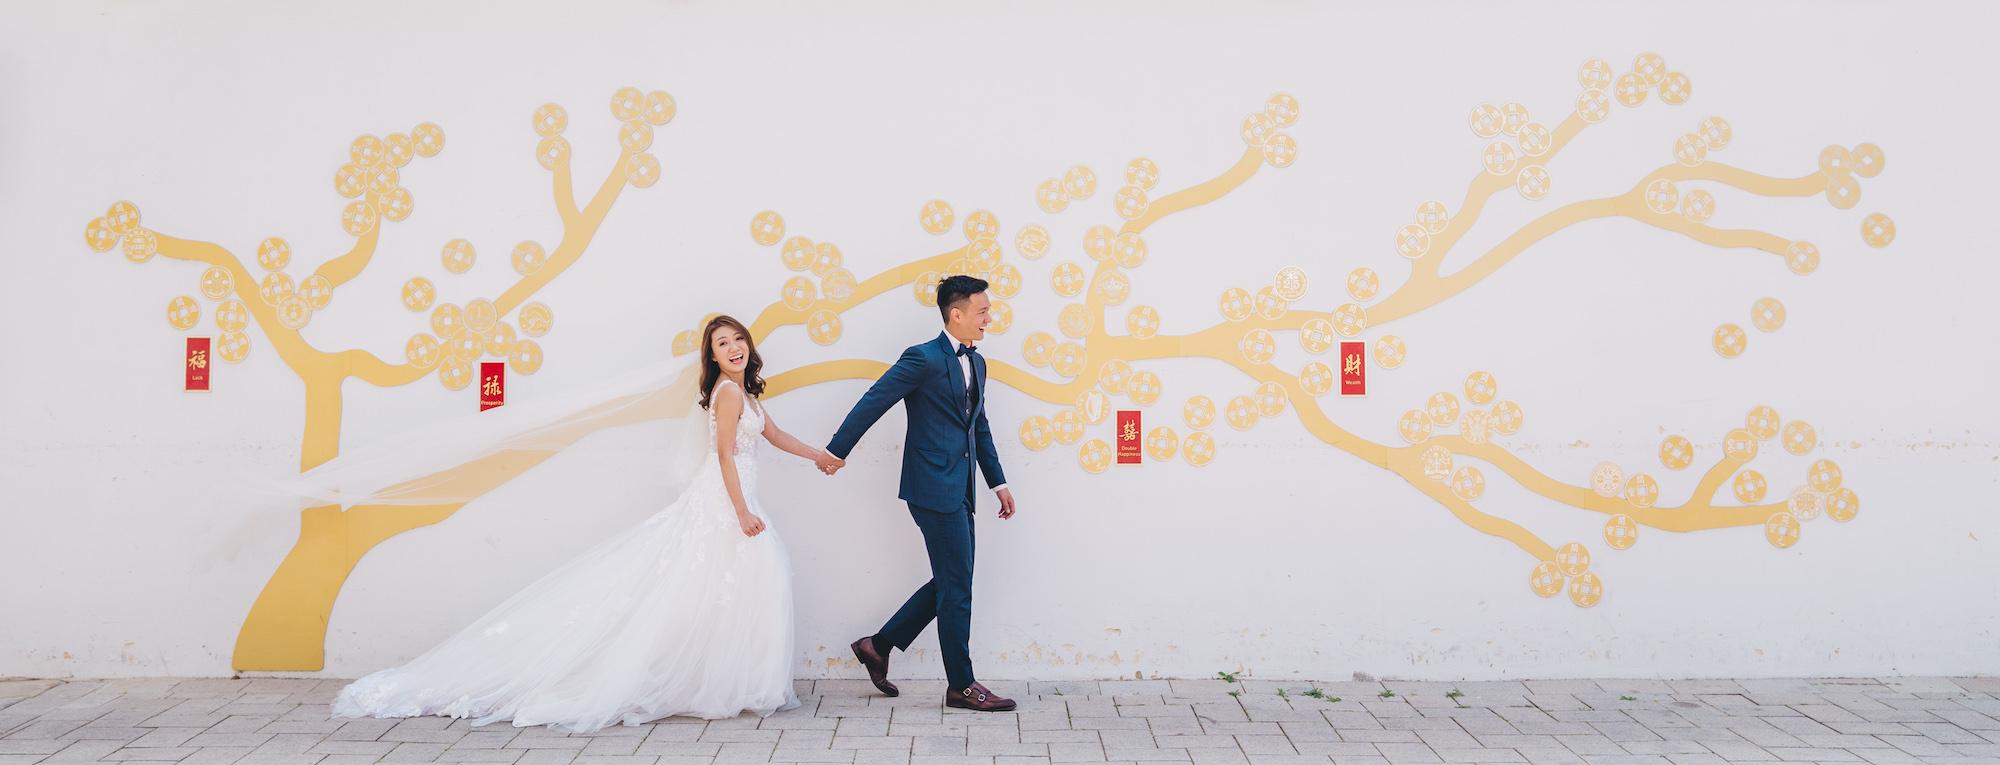 Lin & Shawn - Perth Prewedding 12.jpg